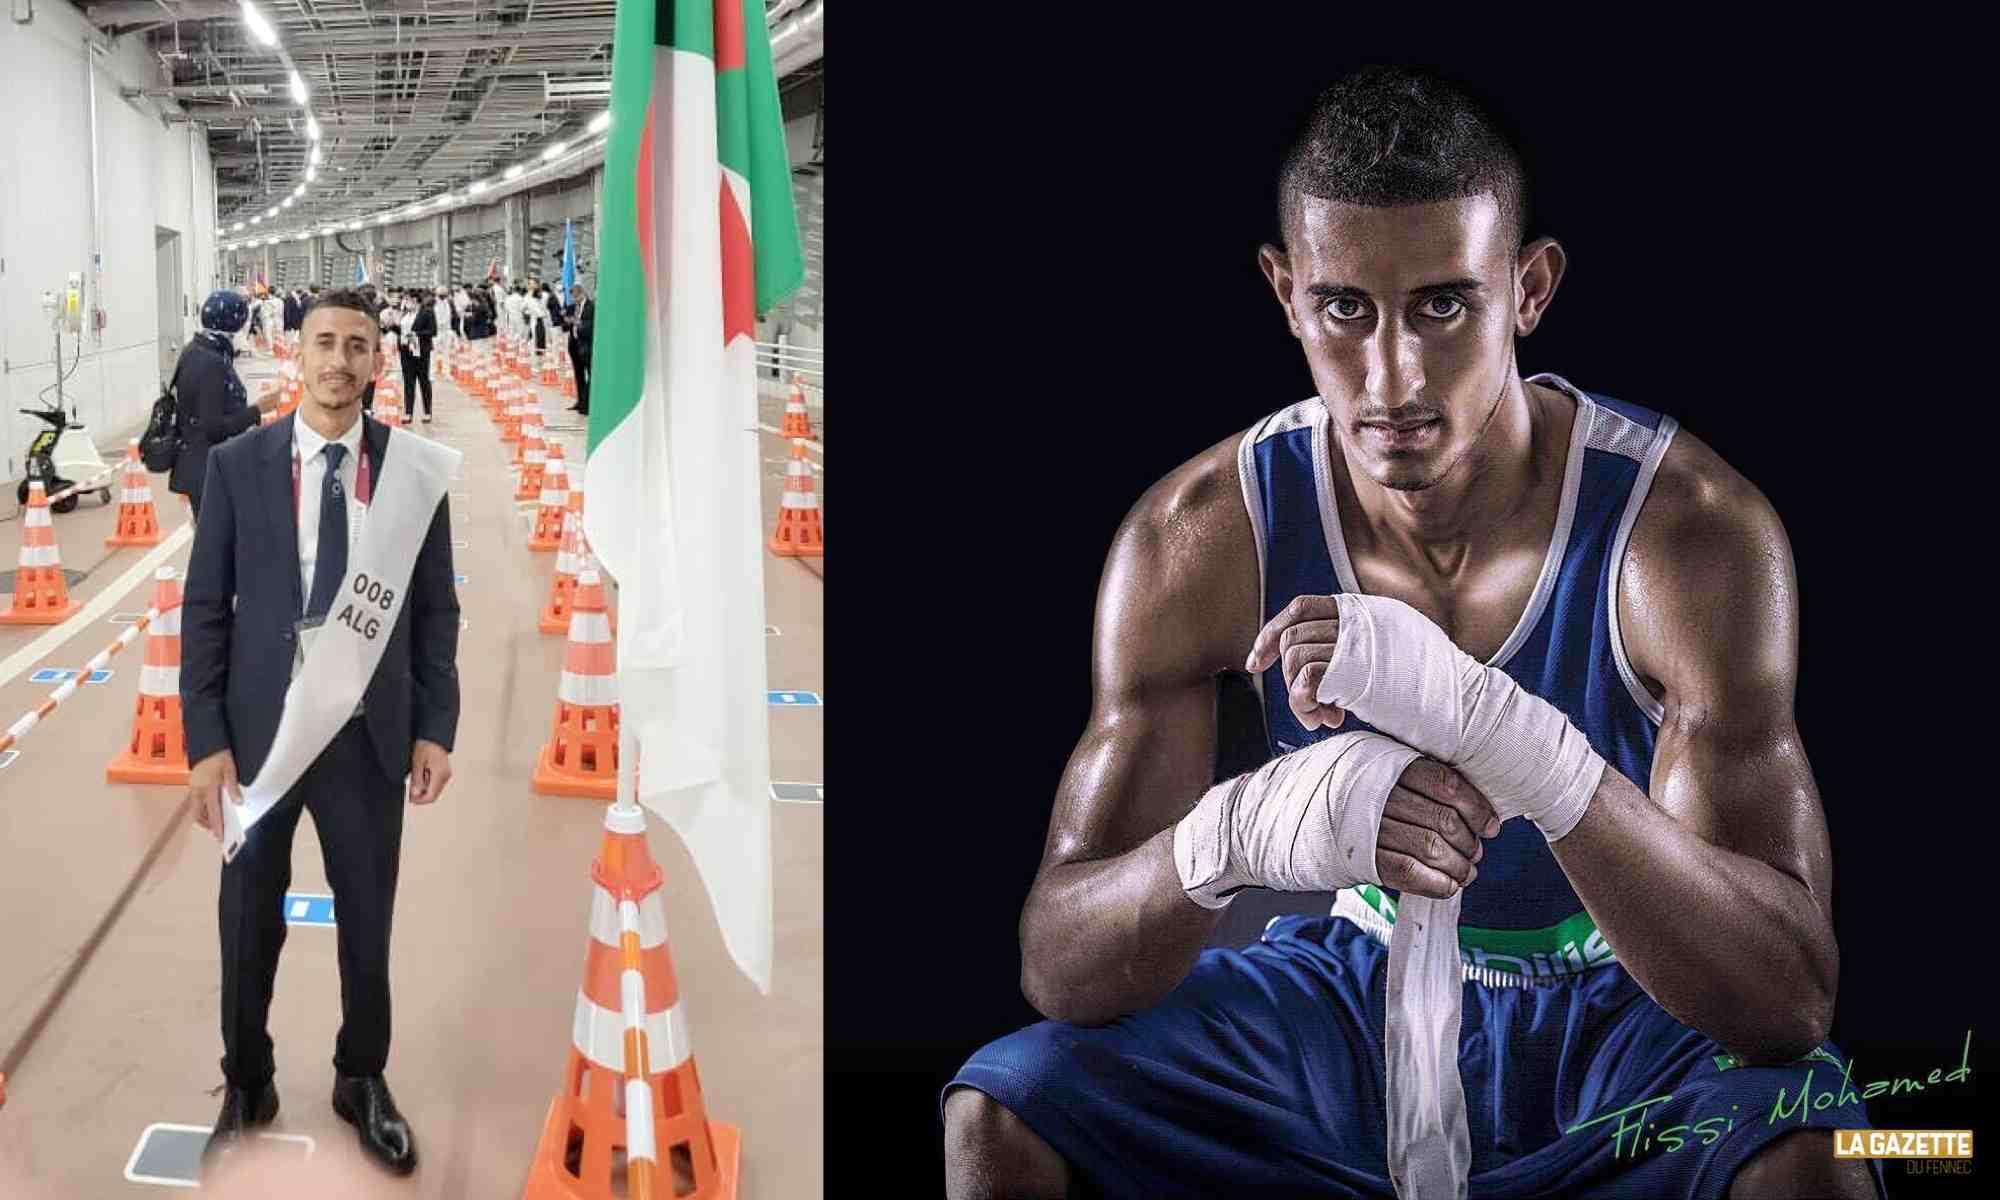 flissi mohamed boxe 52kg tokyo 2020